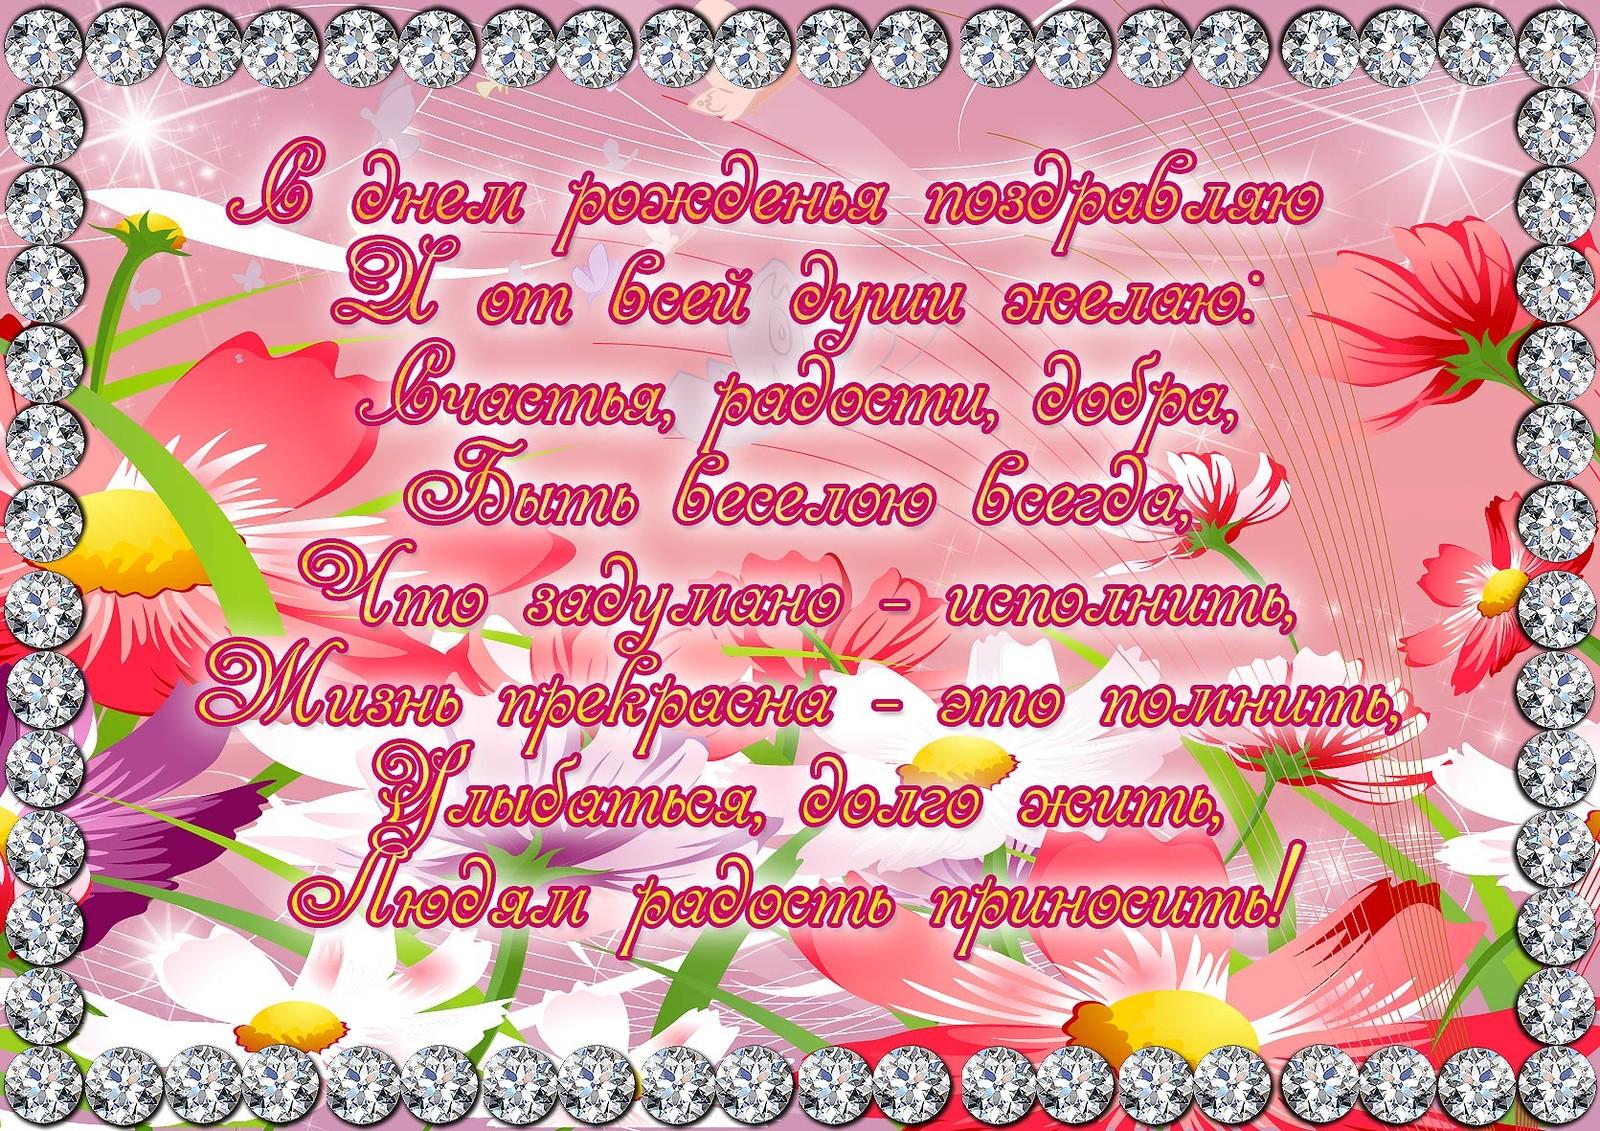 Христианские поздравления с днем рождения в стихах короткие фото 132